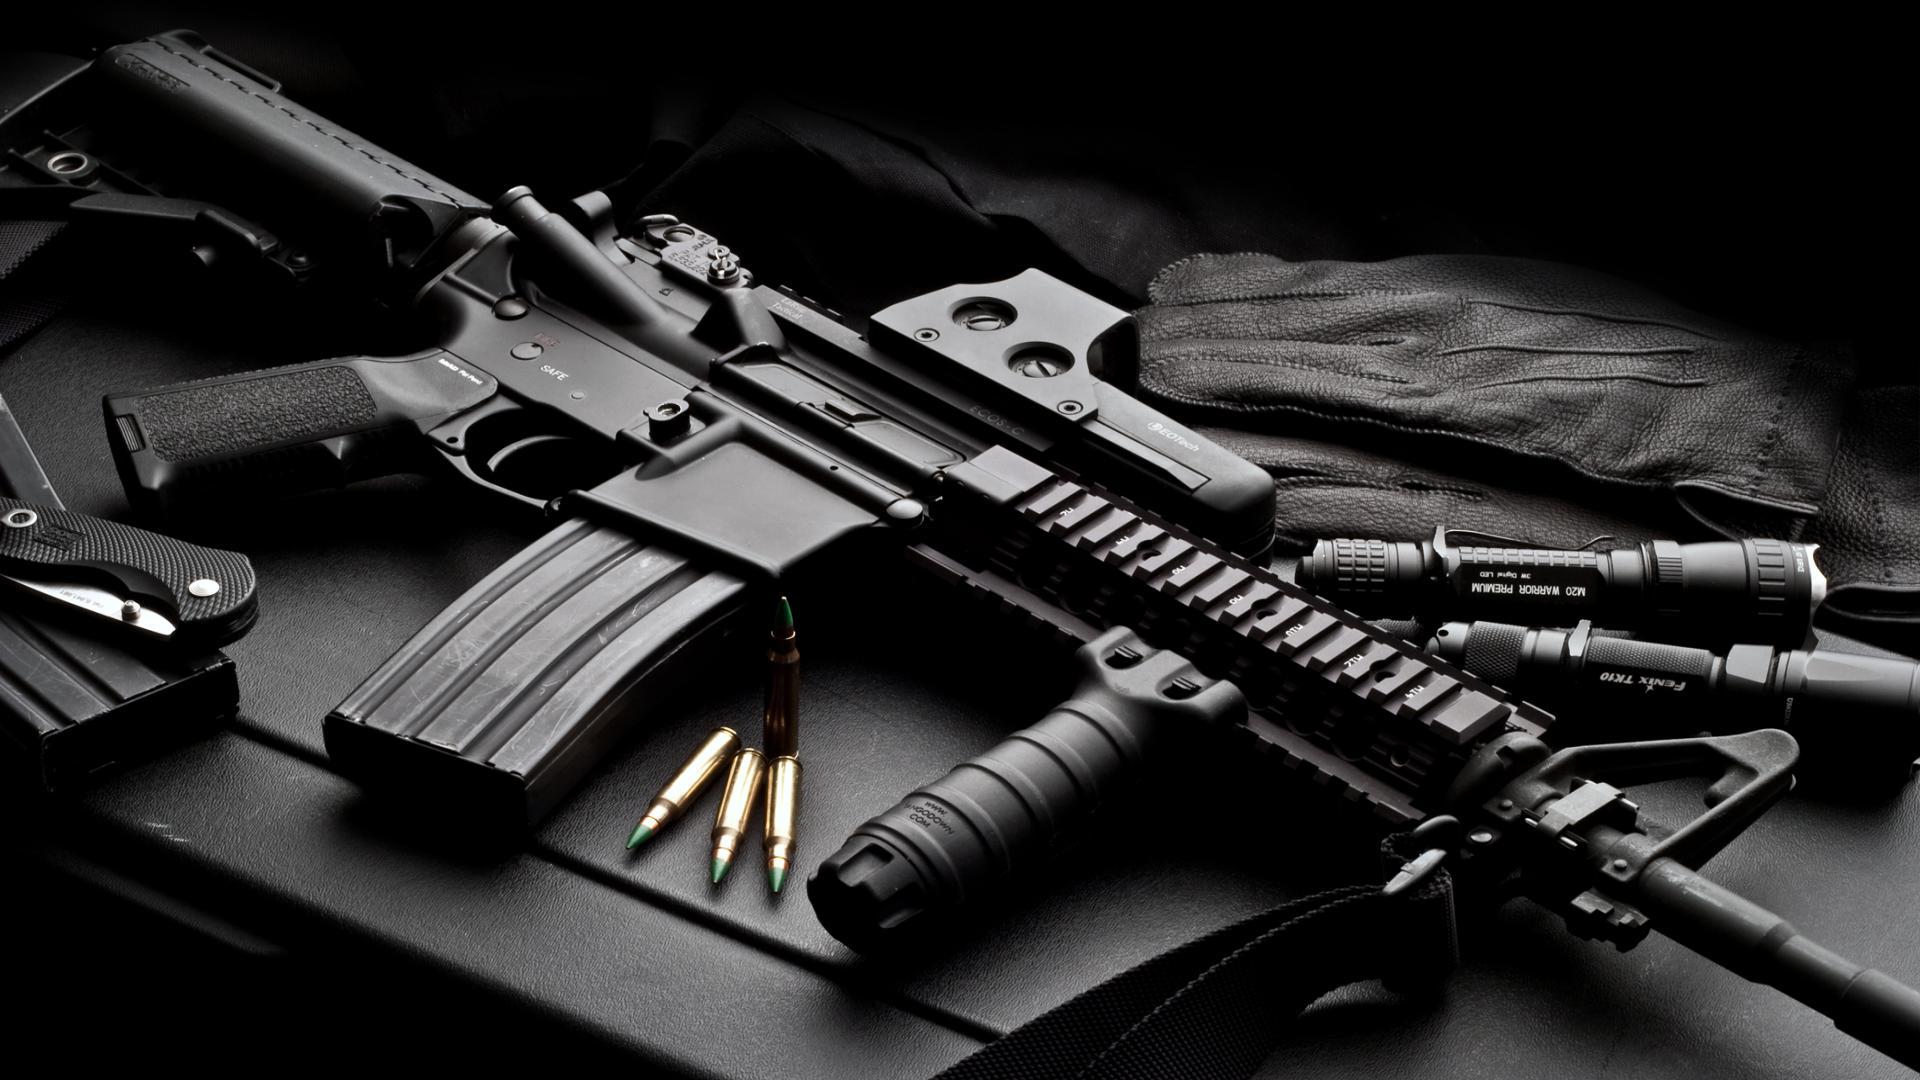 Důležité pro majitele zbraní a střeliva